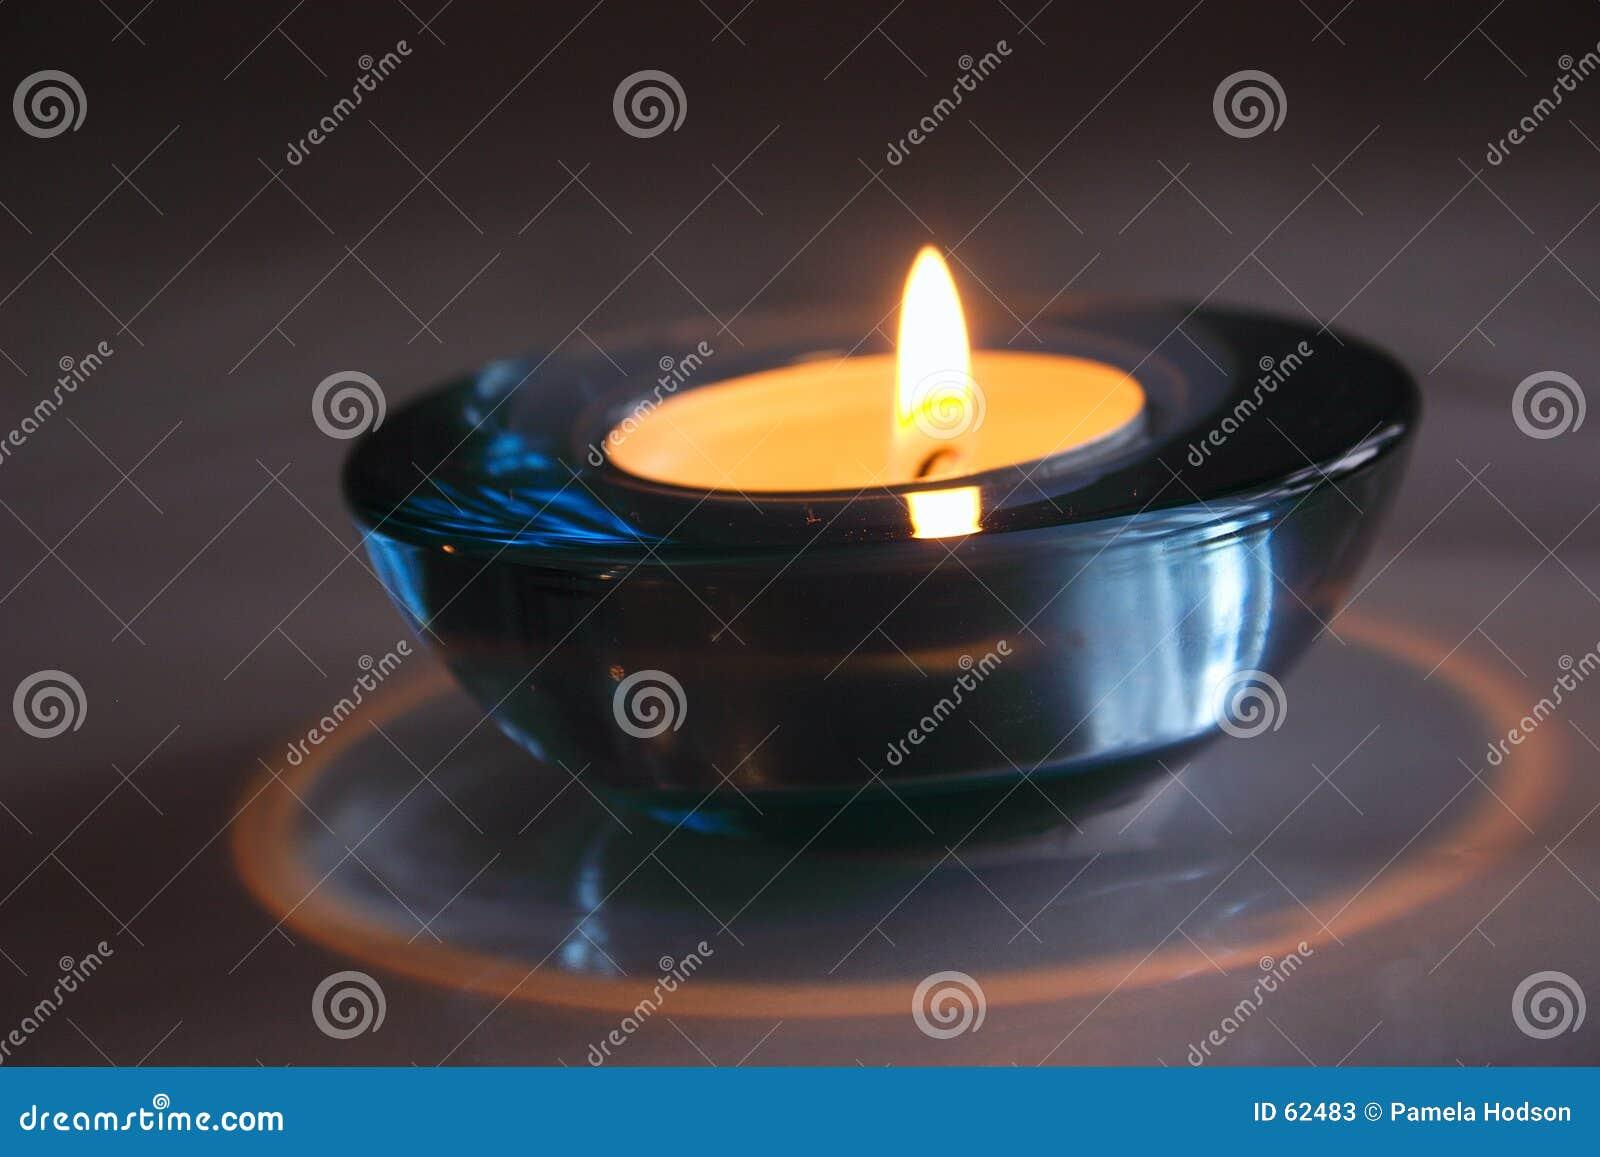 Właściciel candle